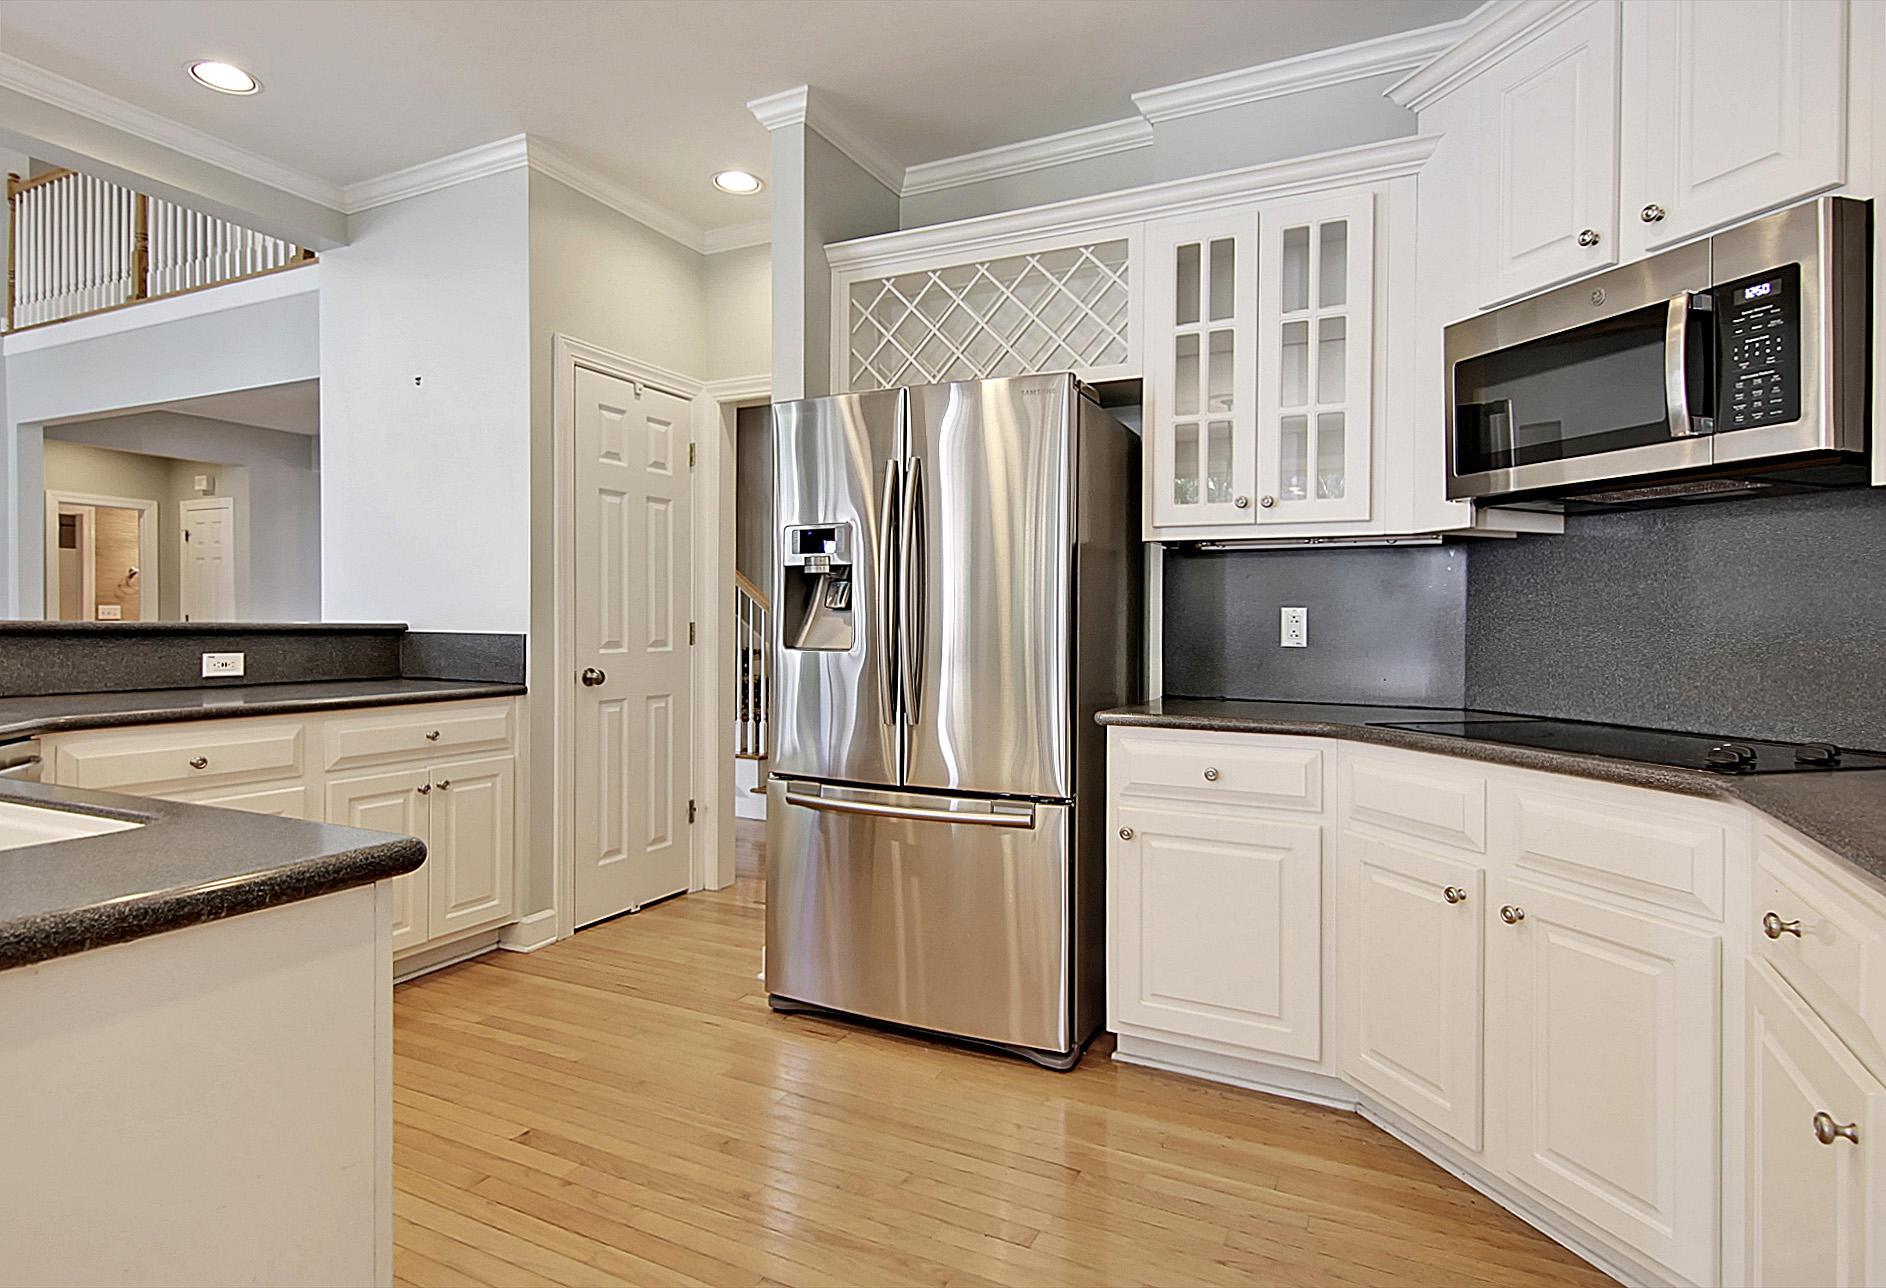 Dunes West Homes For Sale - 2236 Black Oak, Mount Pleasant, SC - 56